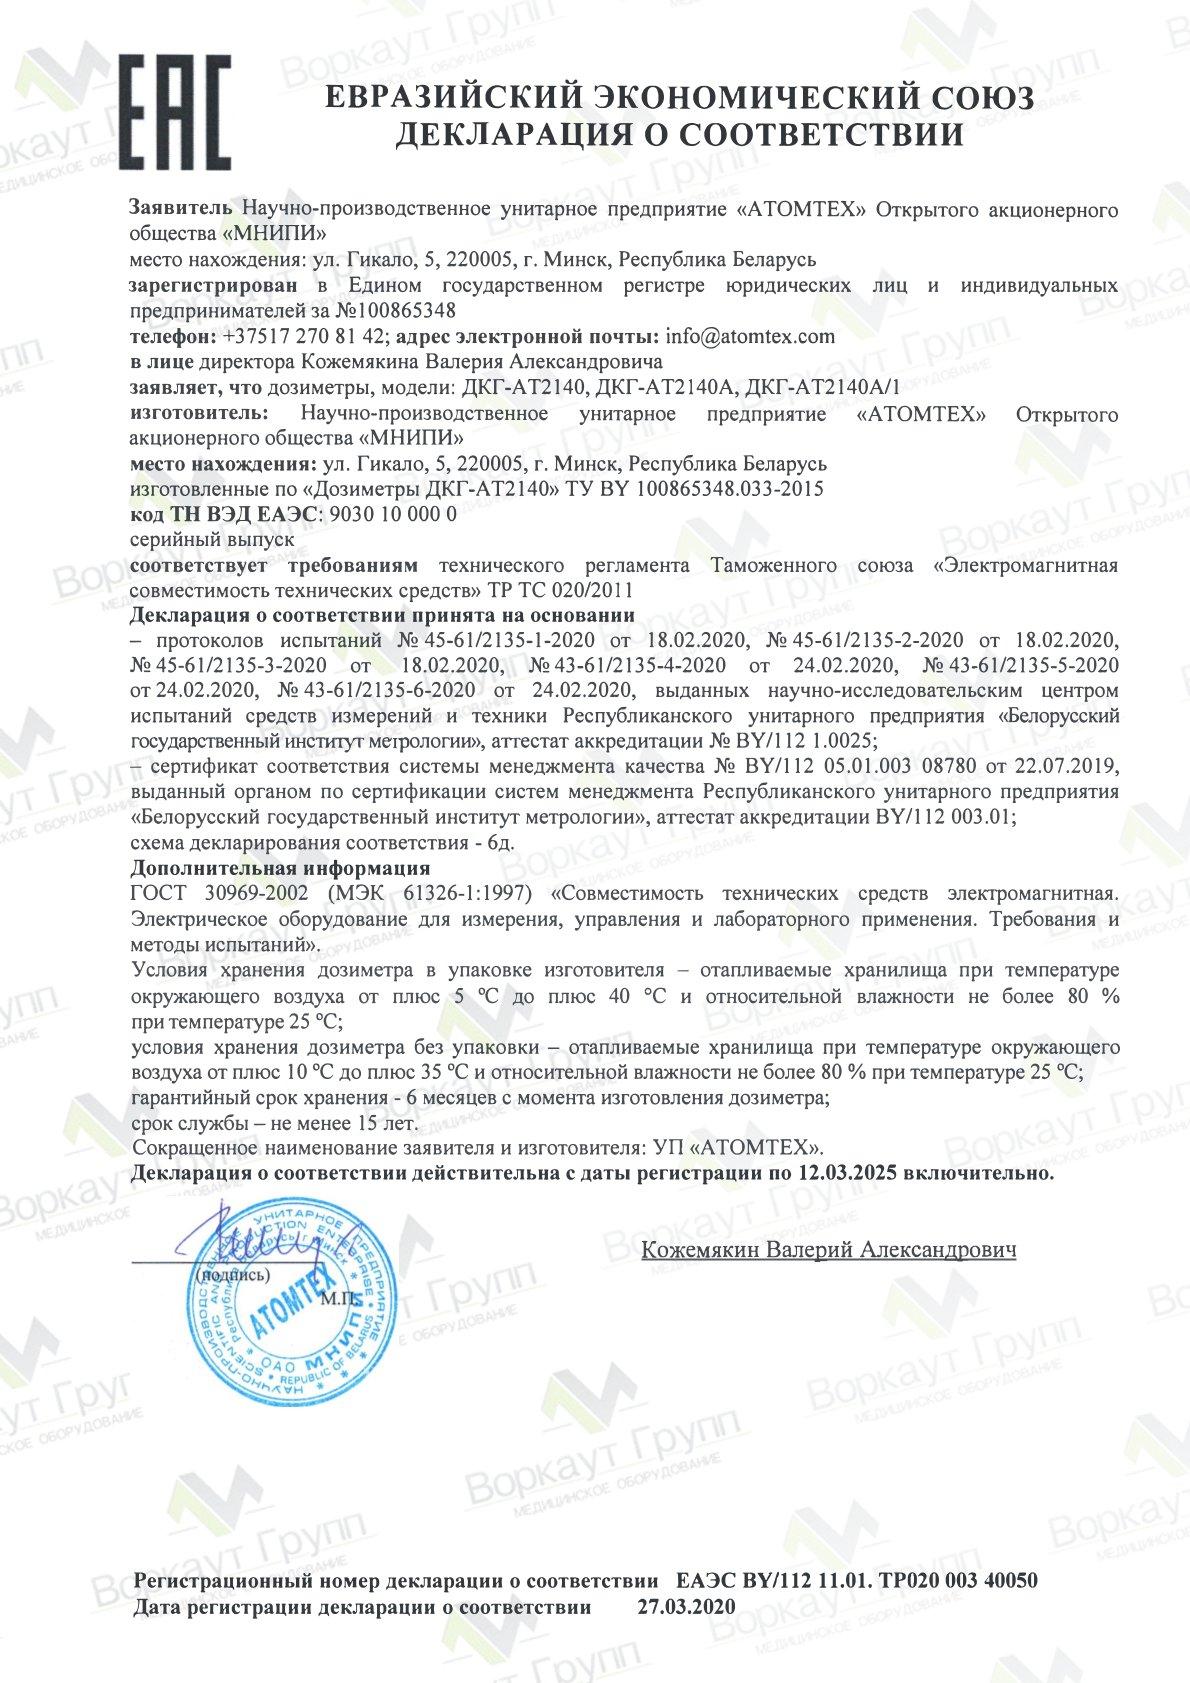 Декларация о соответствии Дозиметра карманного гамма-излучения ДКГ-АТ2140